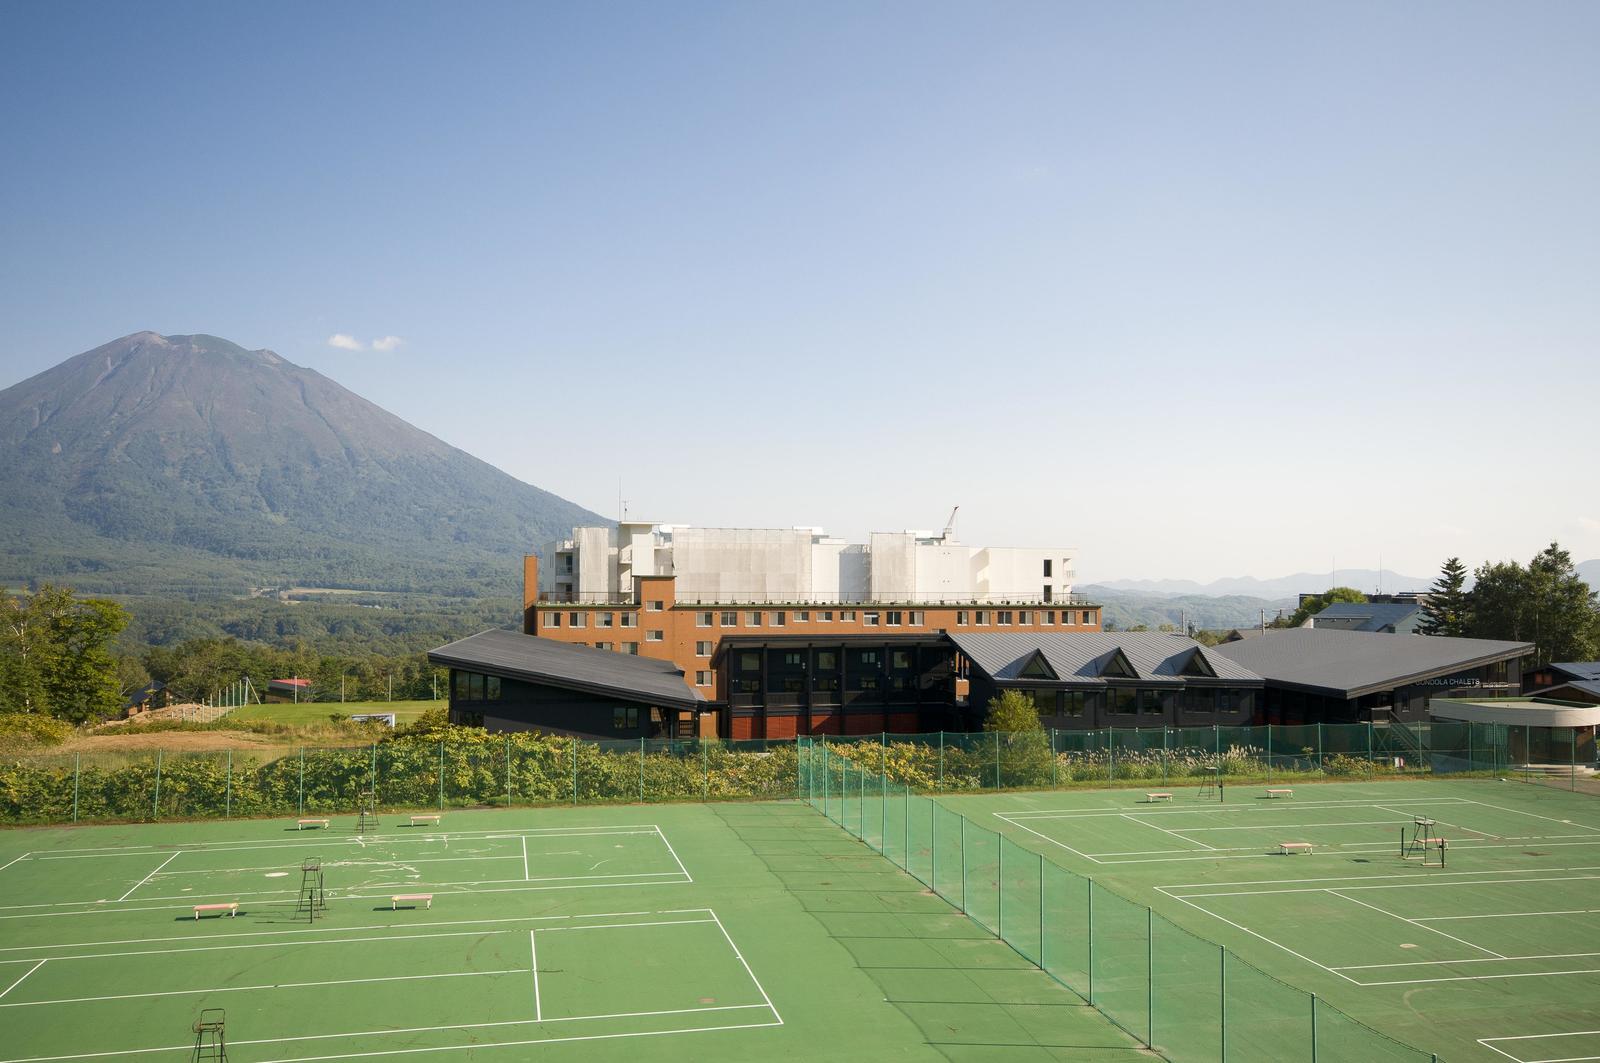 ゴンドラシャレーとテニスコート